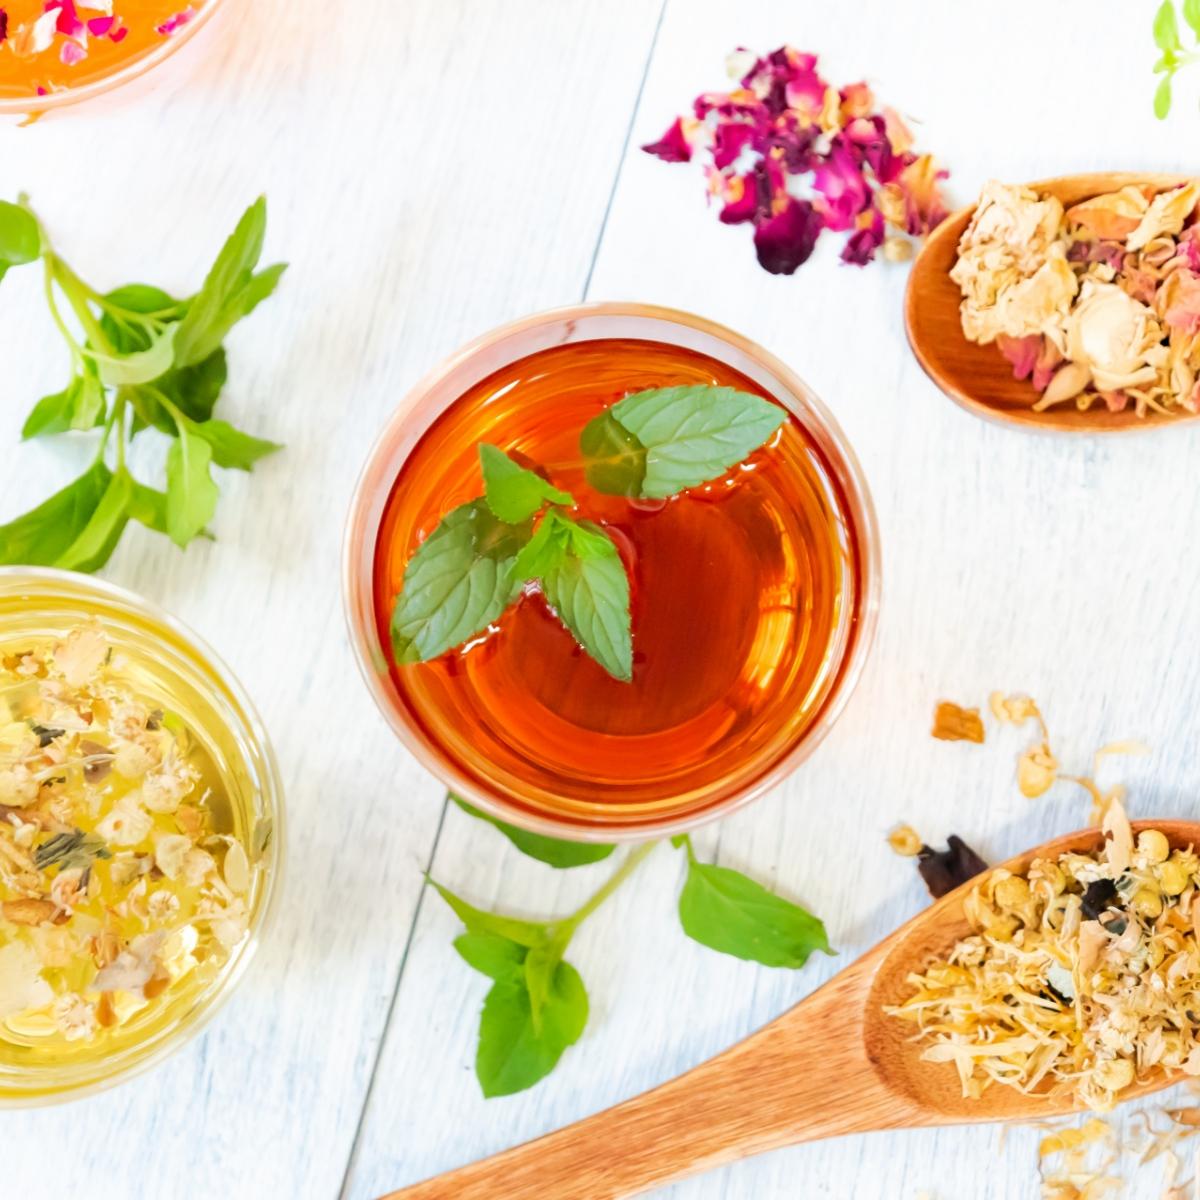 イギリス伝統のコーディアルとは。生活の木のおすすめと飲み方&作り方